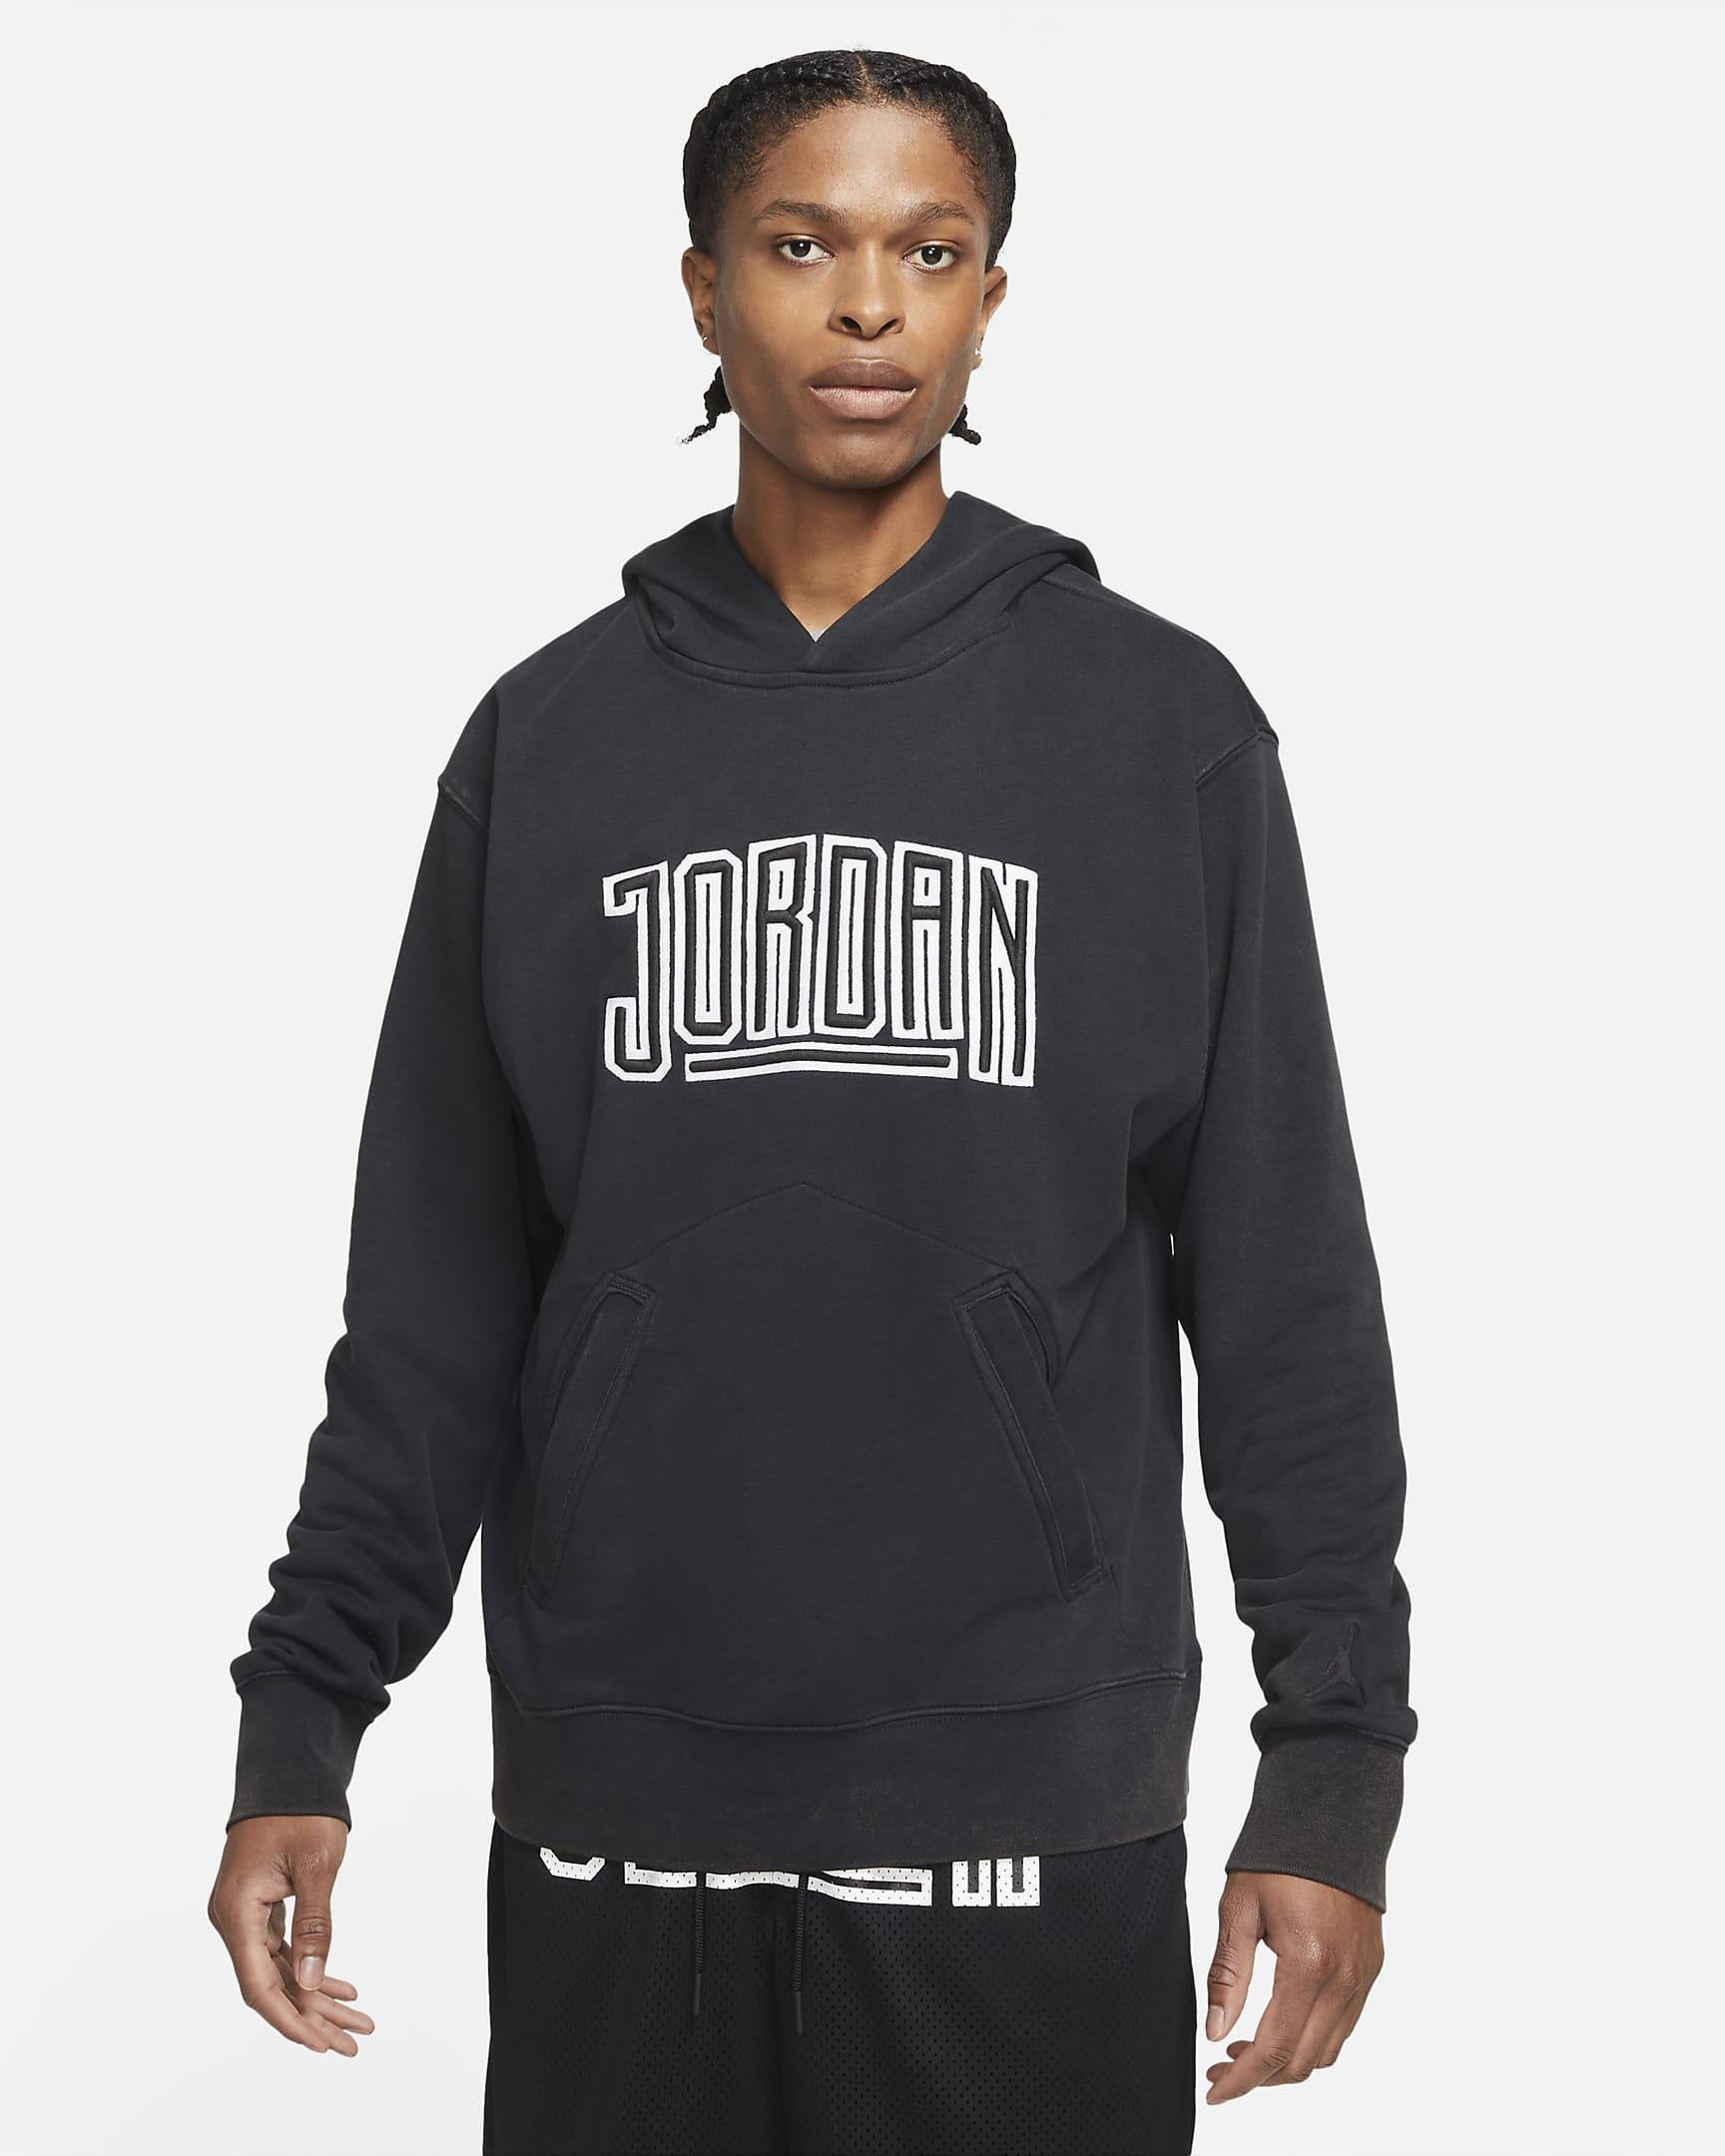 jordan-sport-dna-pullover-hoodie-sZPS22.png